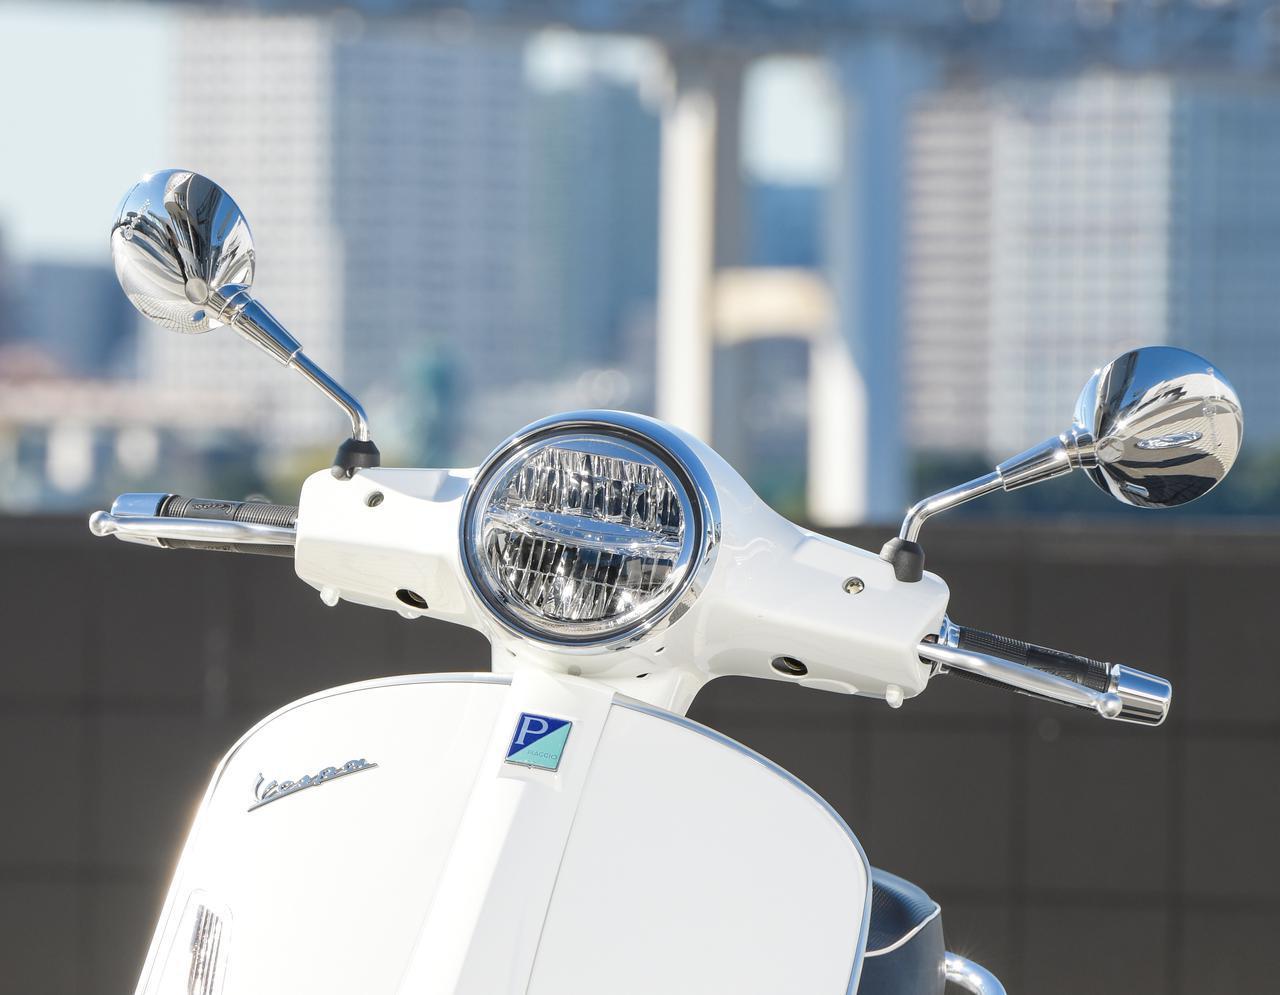 画像: ベスパの伝統的イメージを壊さないクラシカルな丸型ヘッドライトだが、前面をスラントさせるデザインによって現代的にアレンジ。光源にはLEDが採用されていて、視認性などの機能面は最新モデルと変わらないレベルを確保している。